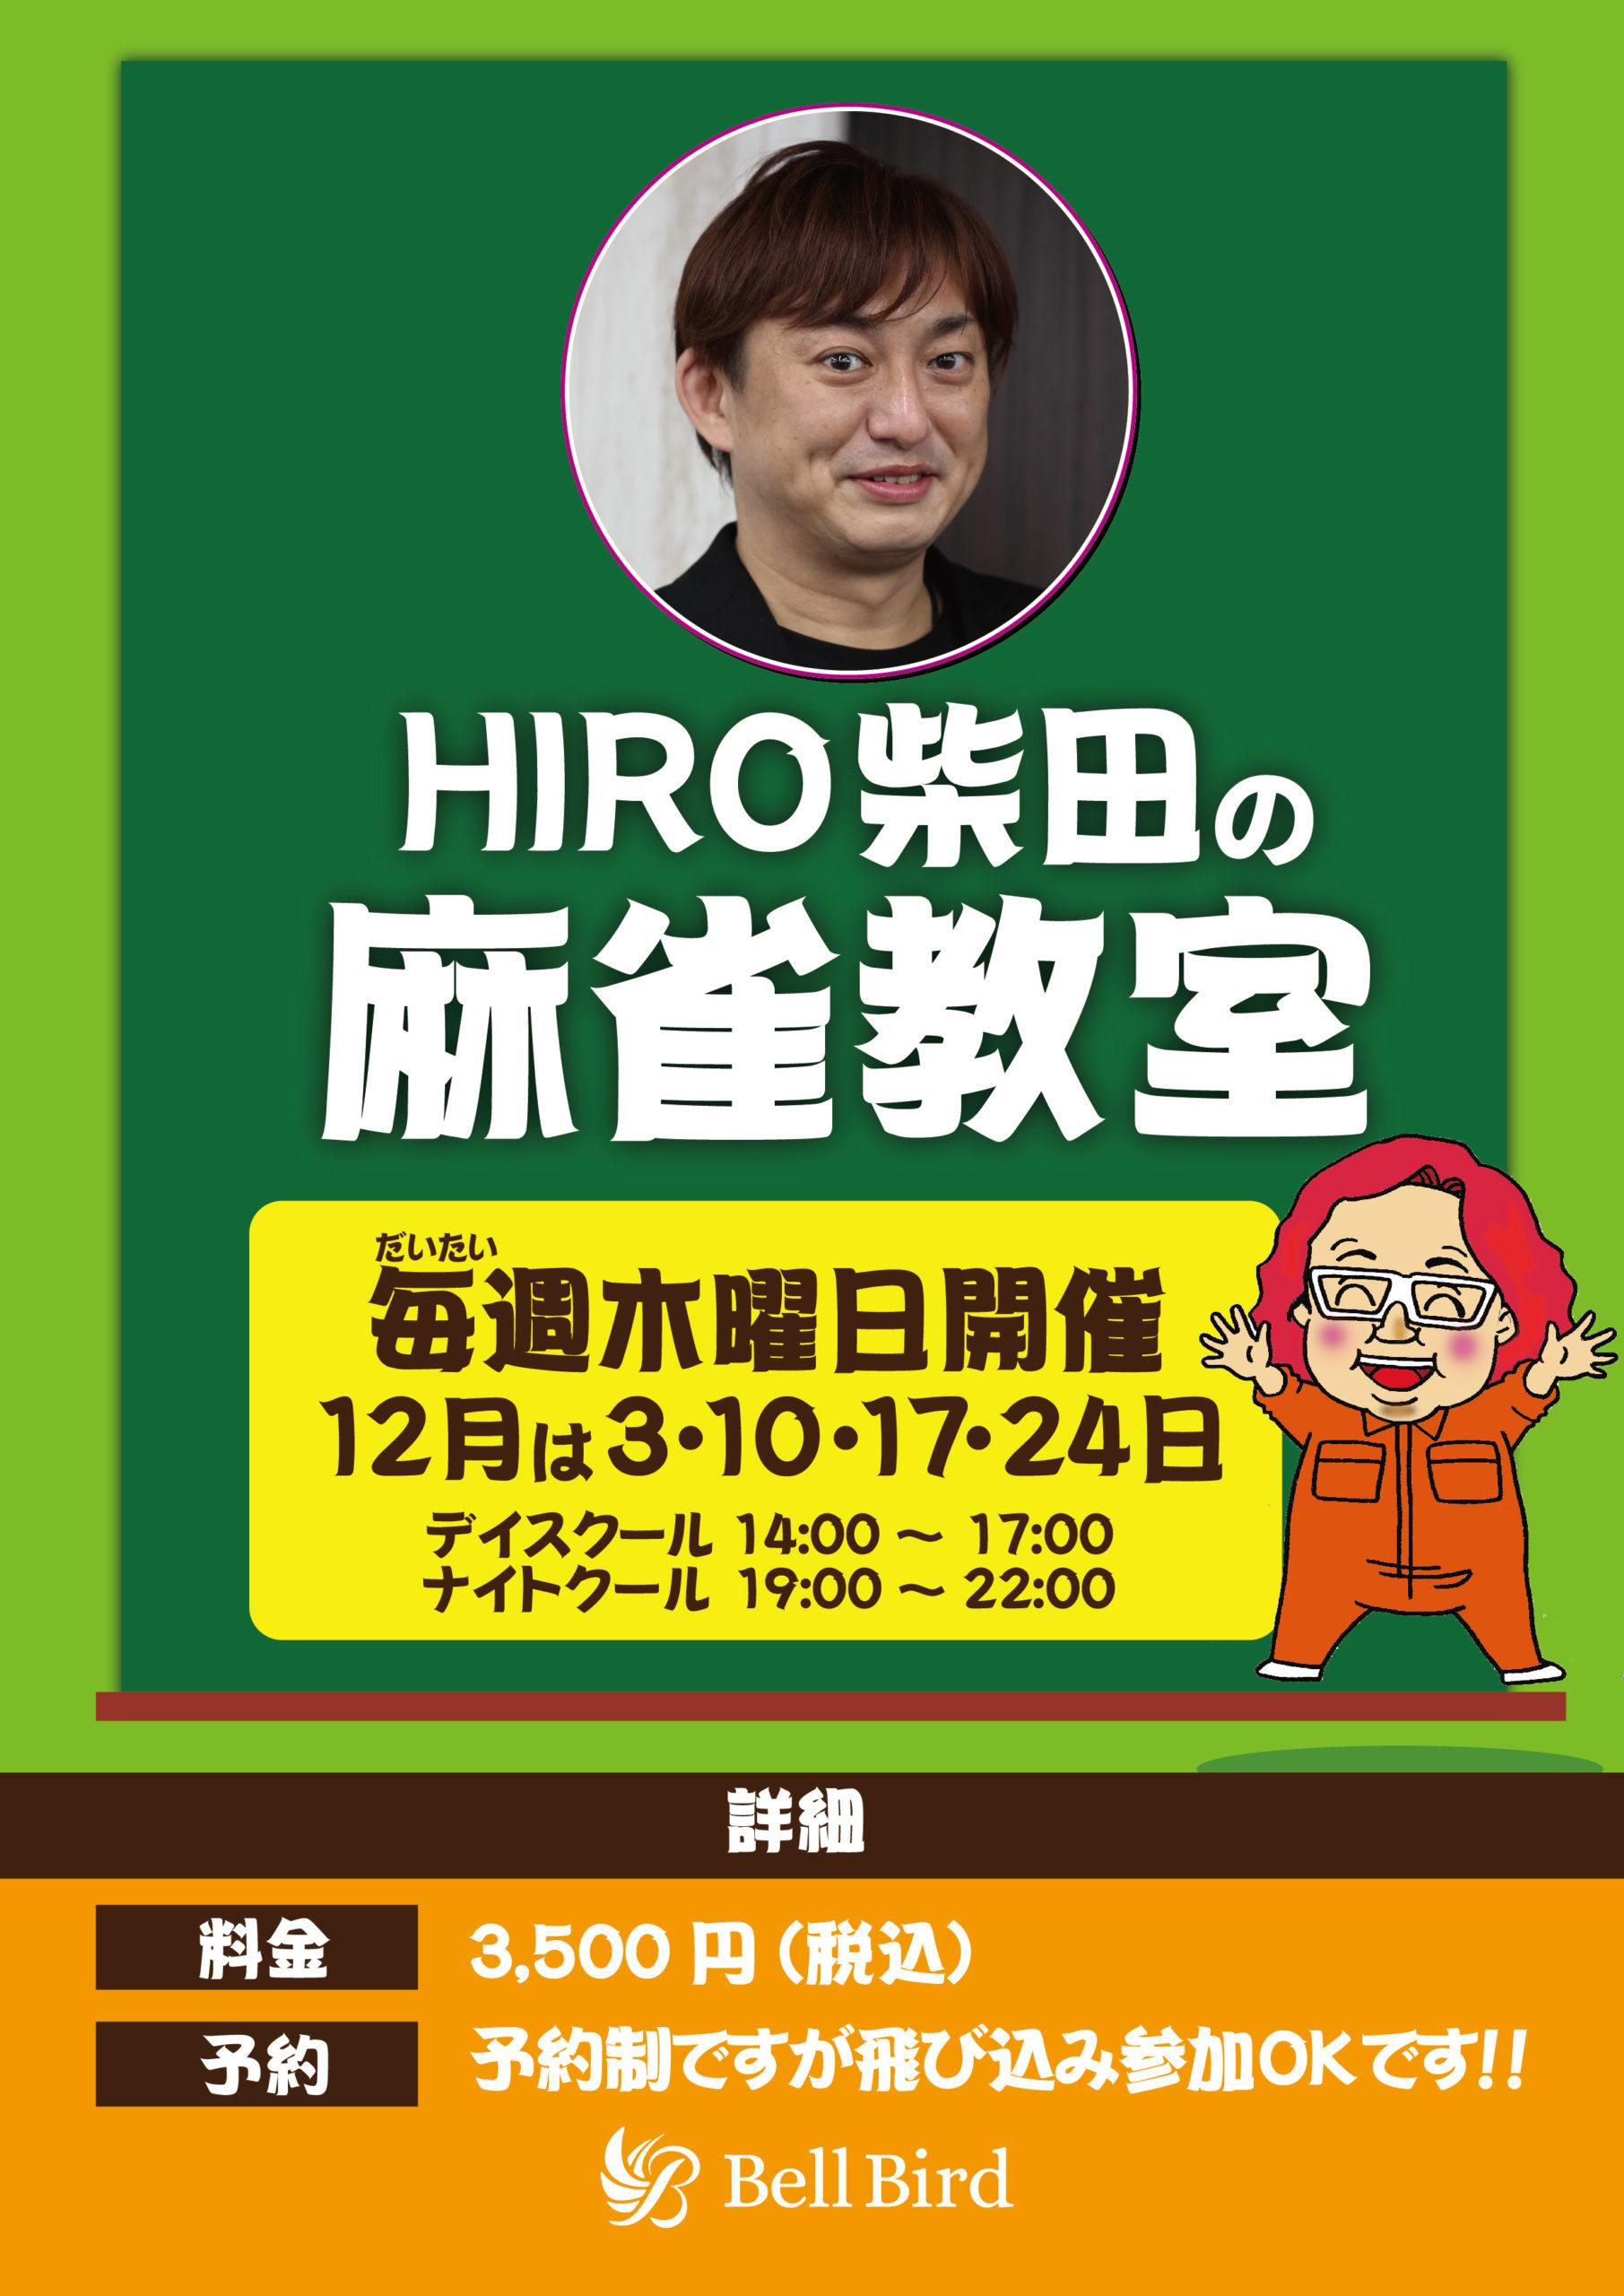 HIRO柴田202012_アートボード 1